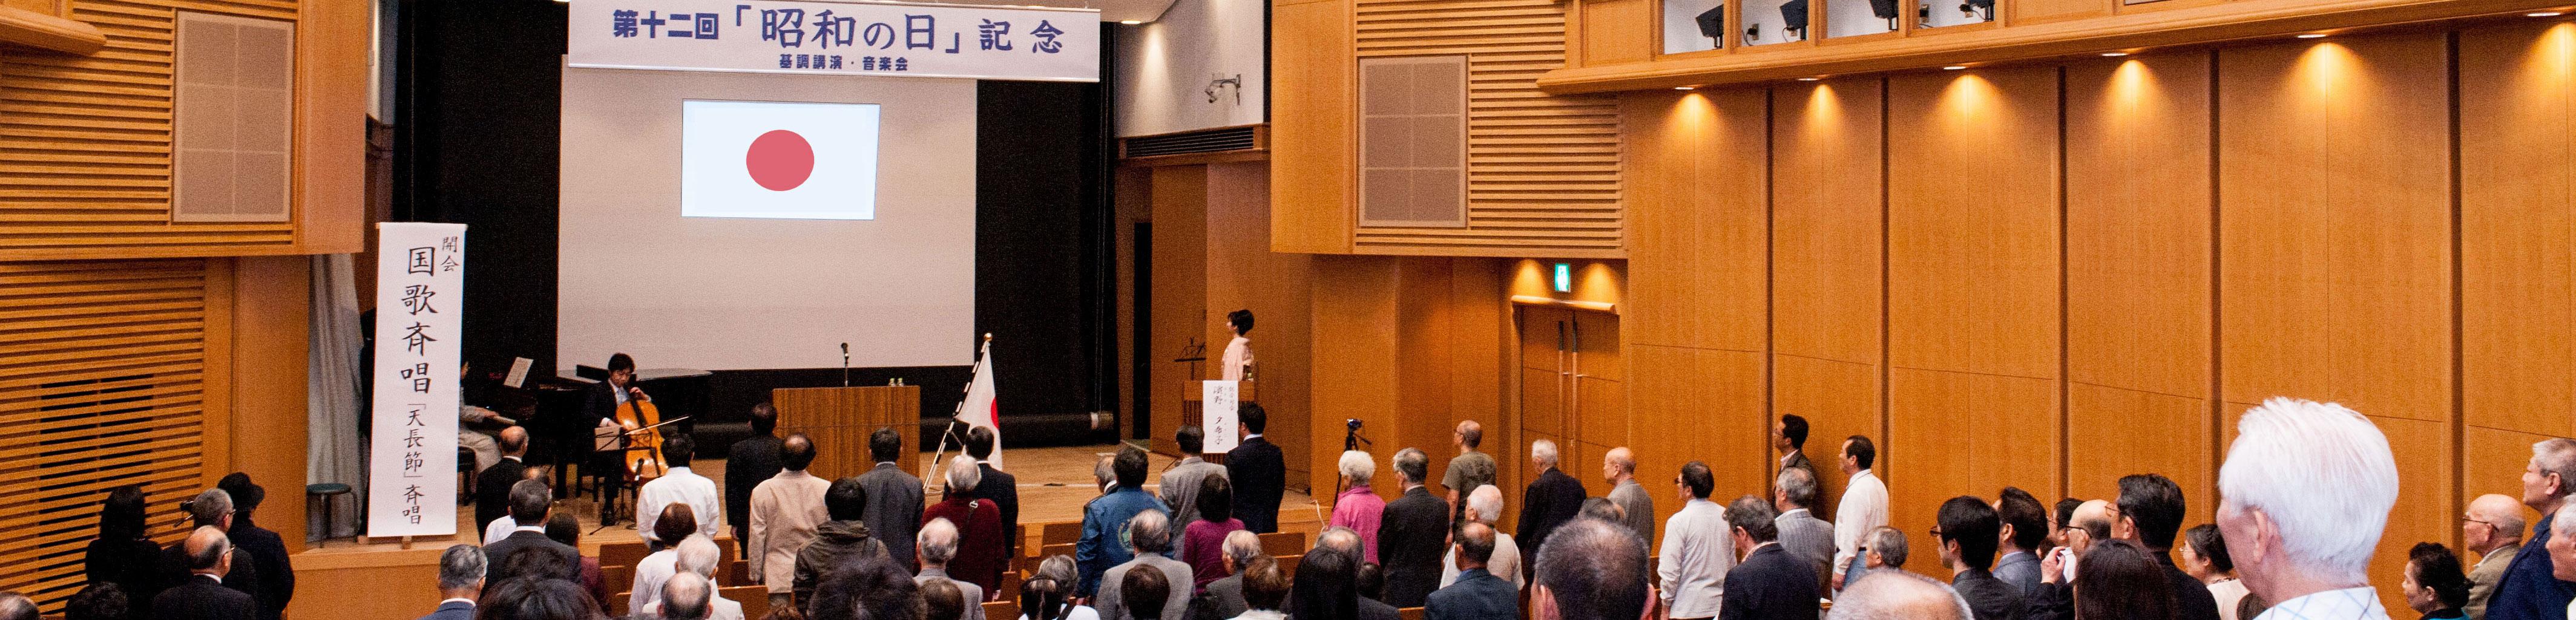 114  |  「昭和の日」記念行事実行委員会